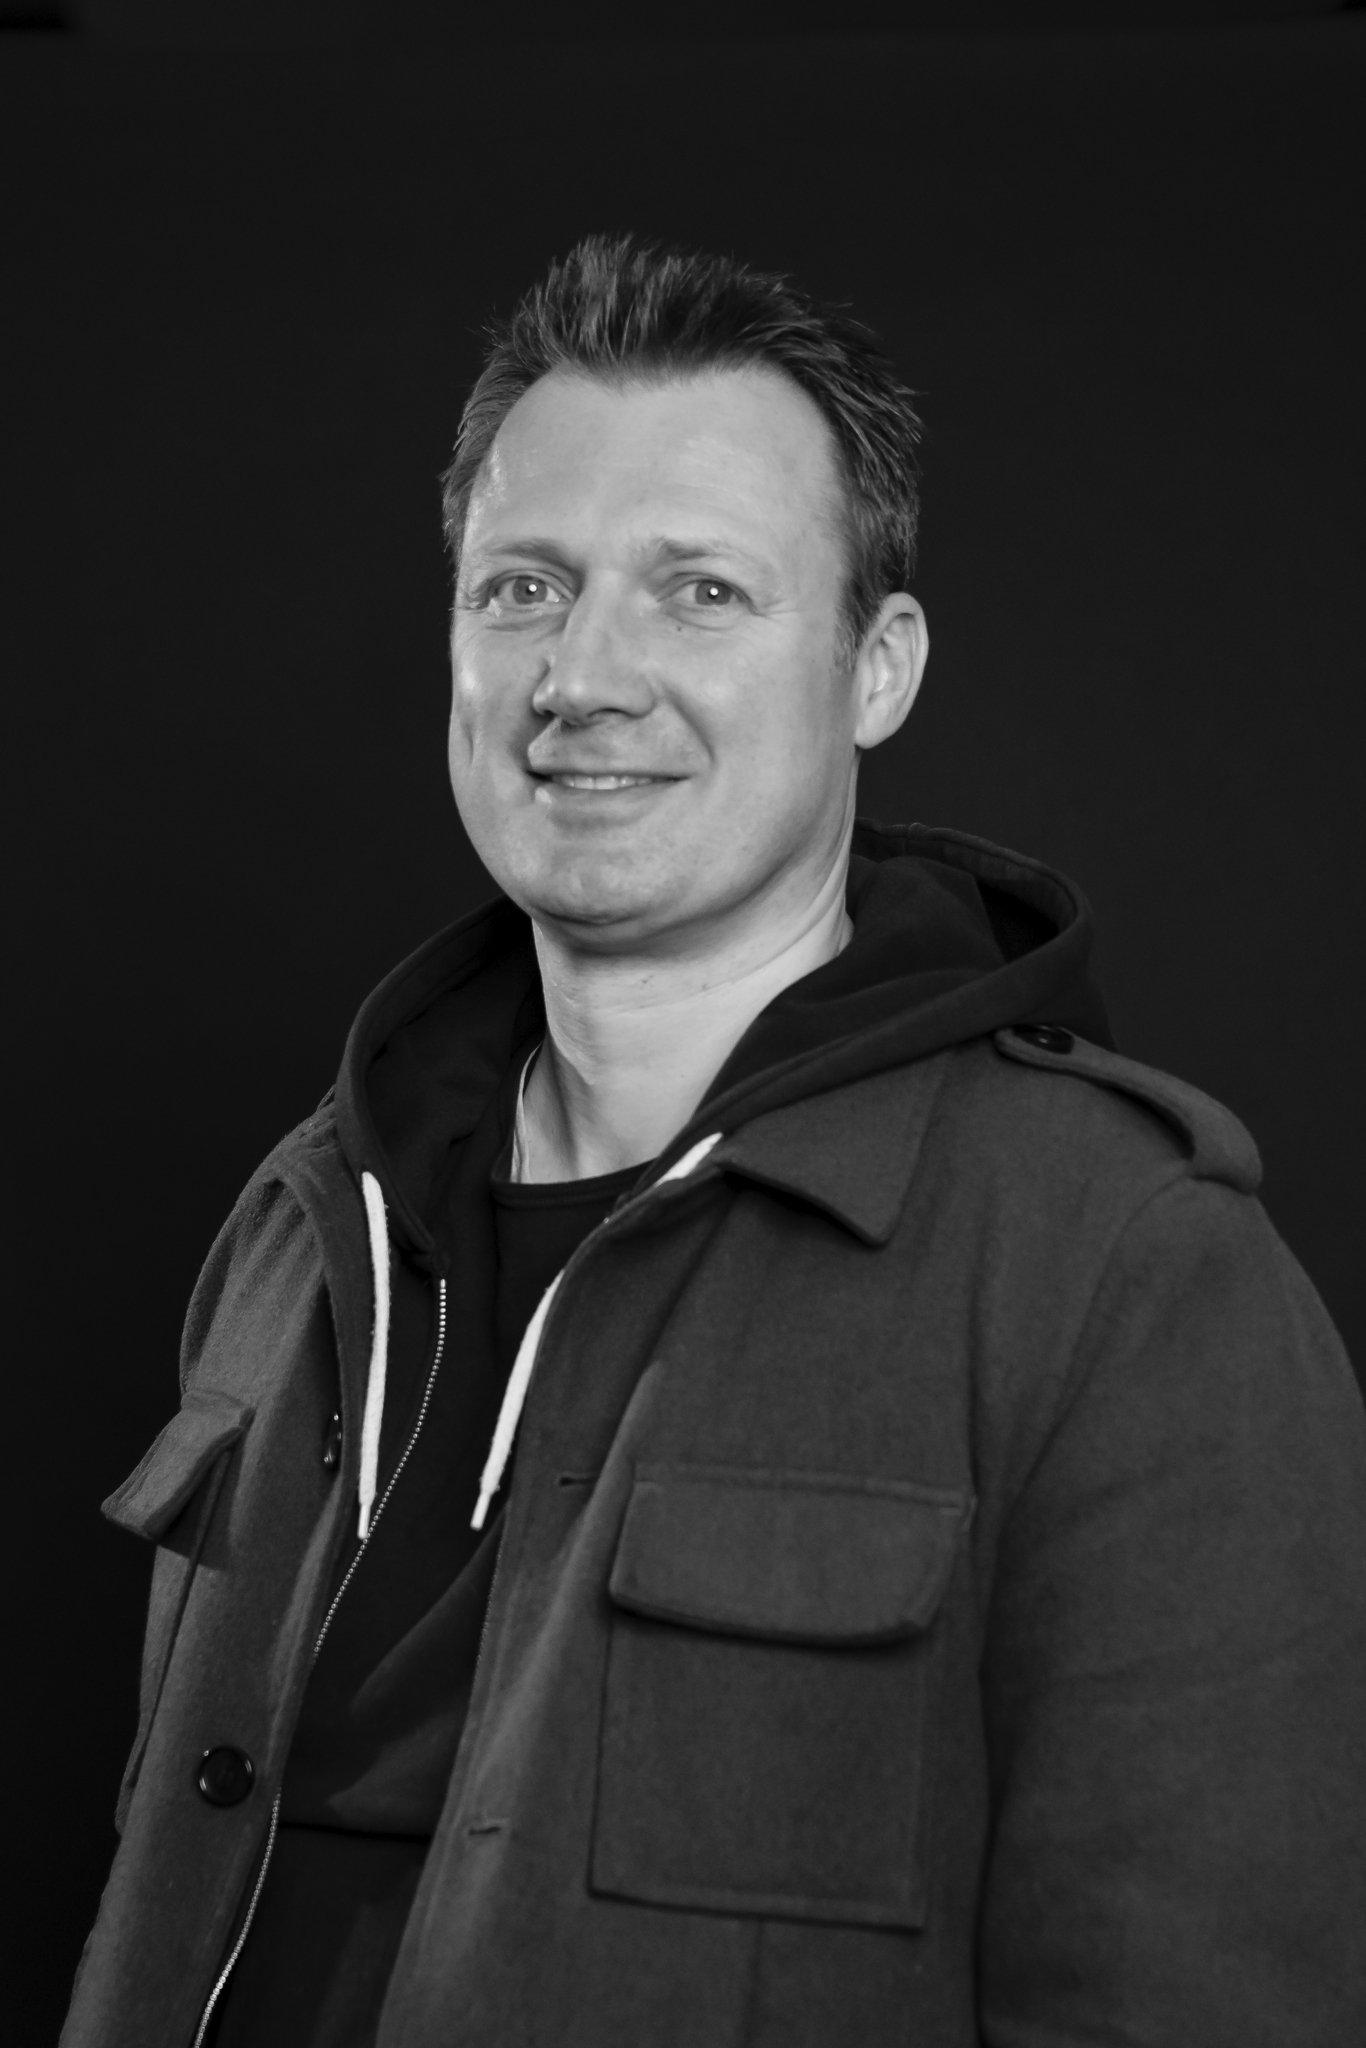 Kjetil Fløtaker image 1